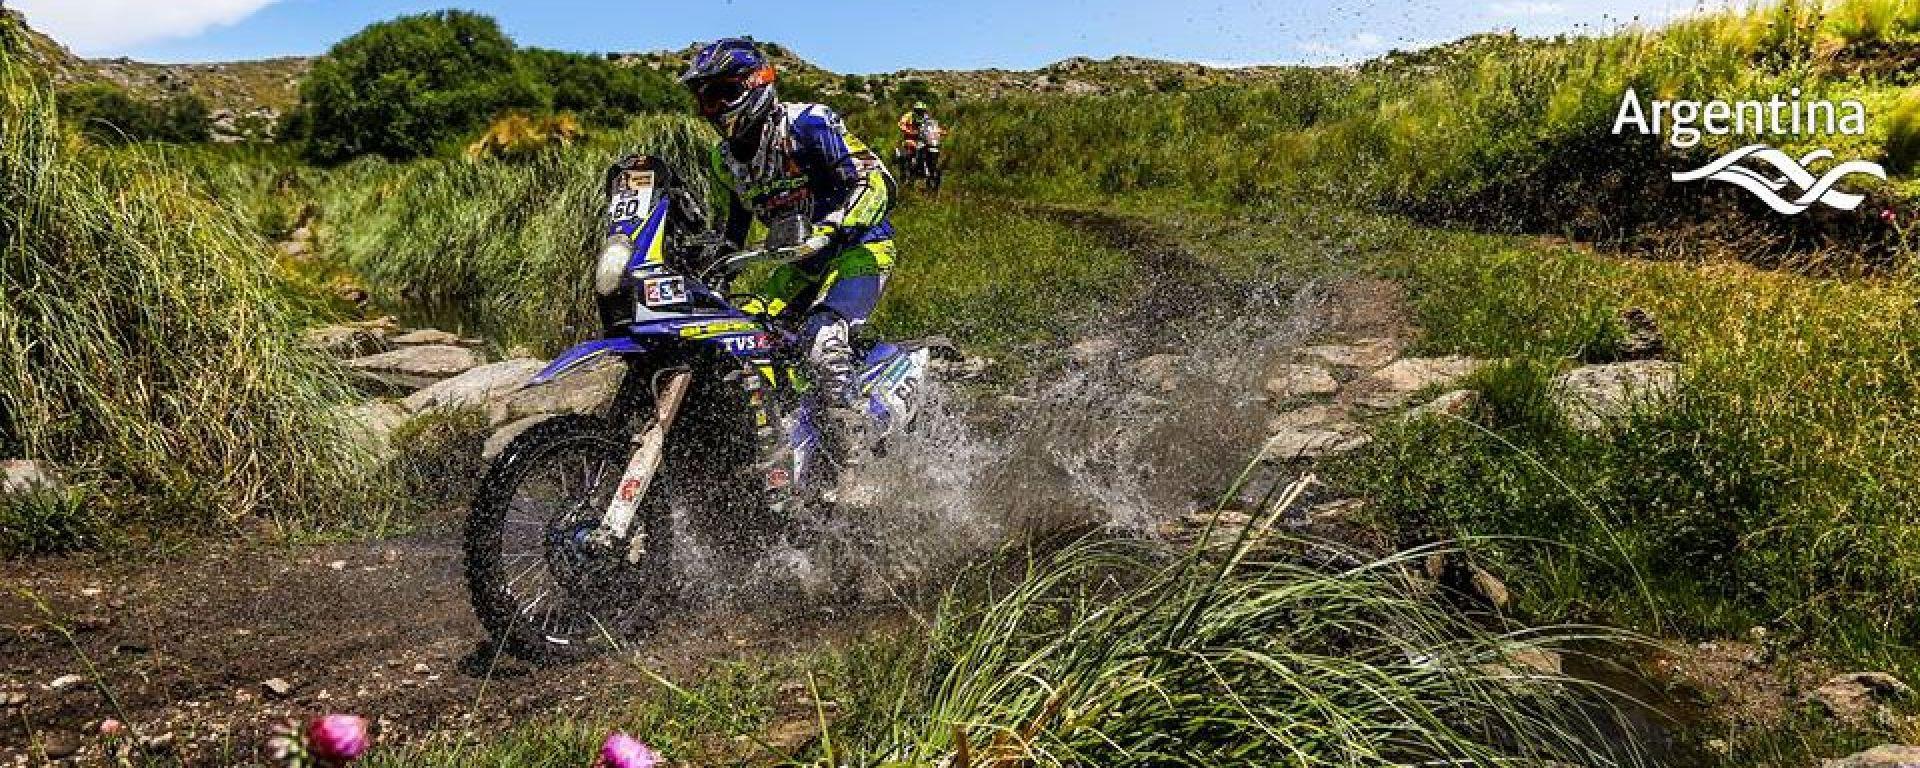 Dakar, moto - Argentina